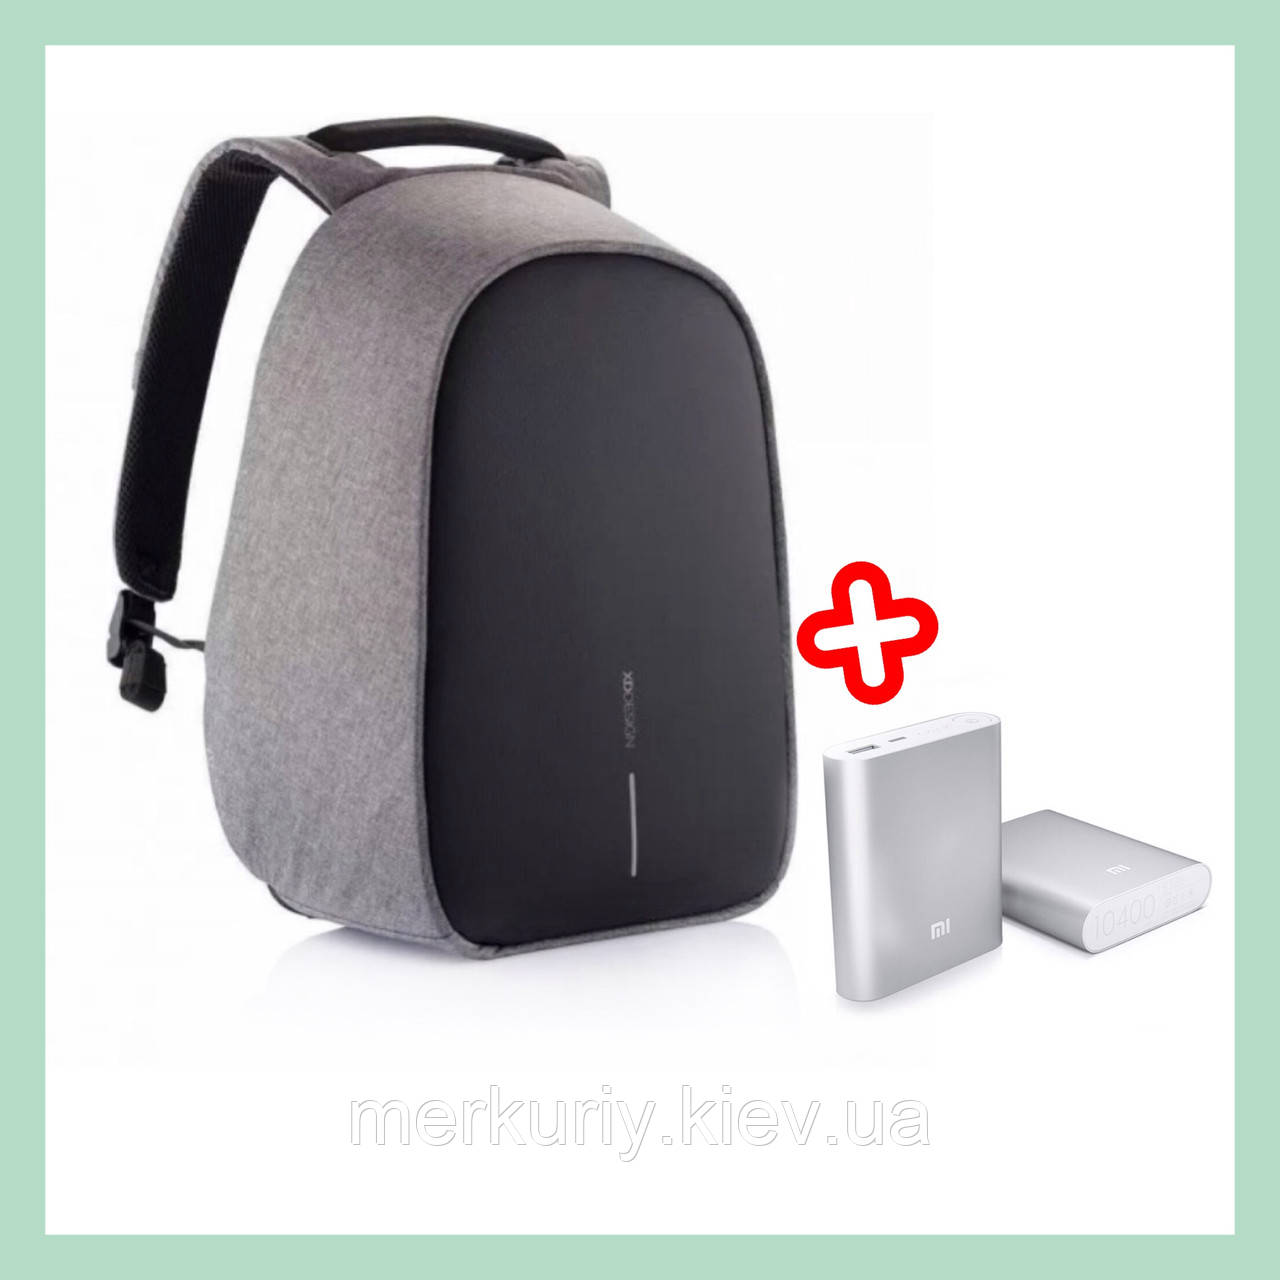 Шкільний рюкзак протикрадій Bobby з USB портом XD design